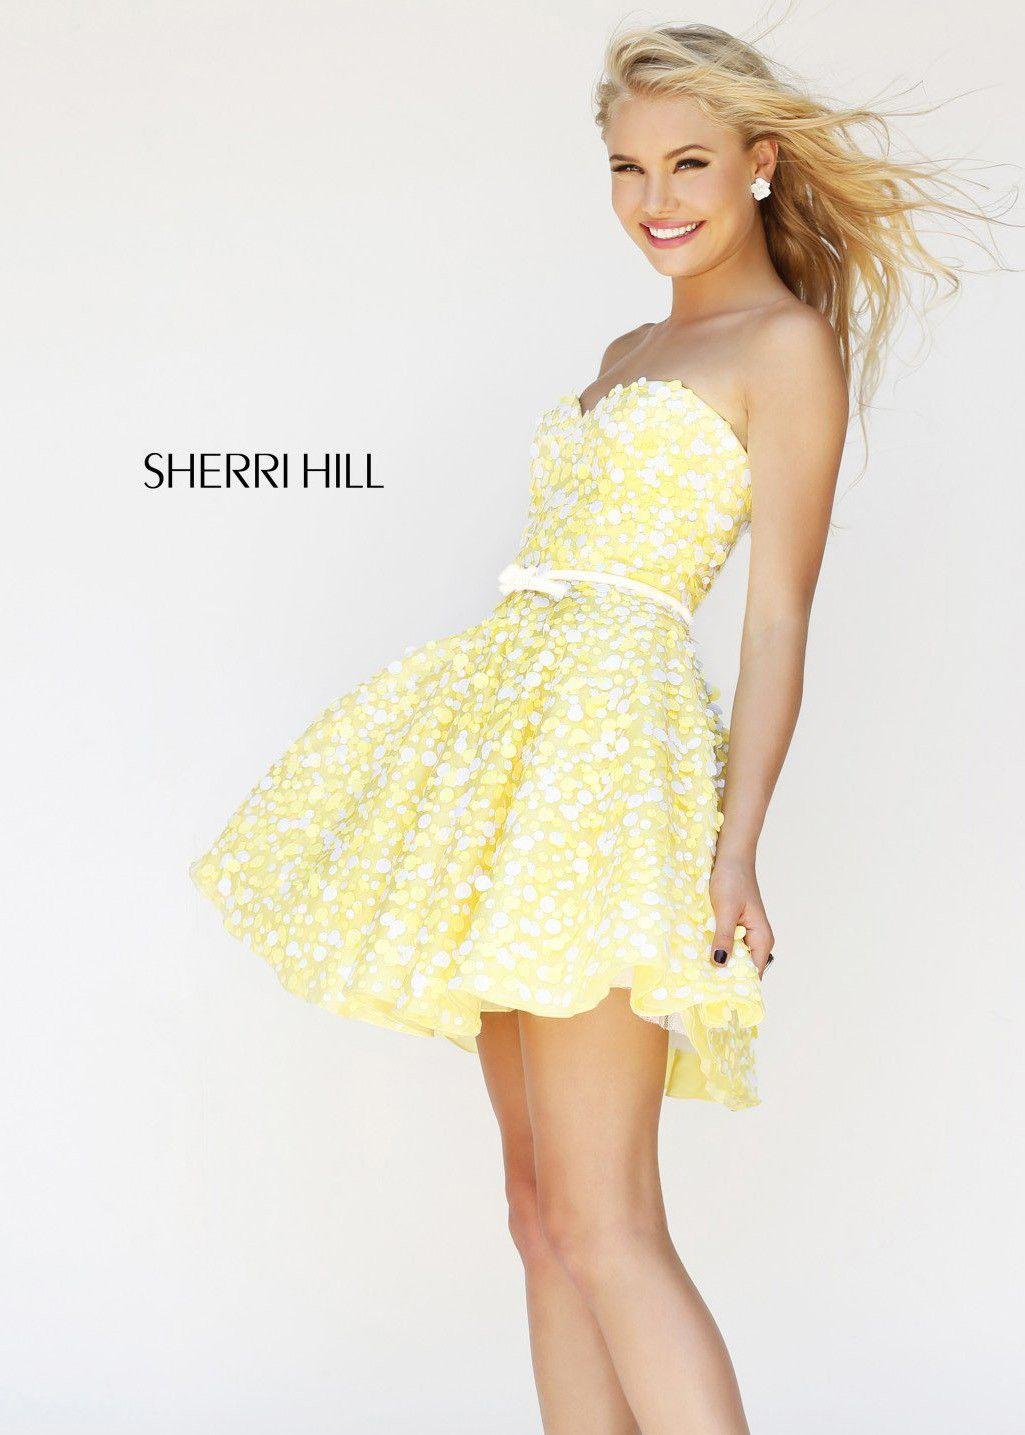 eb1e13ad04 Sherri Hill 11117 Strapless Cocktail Dress